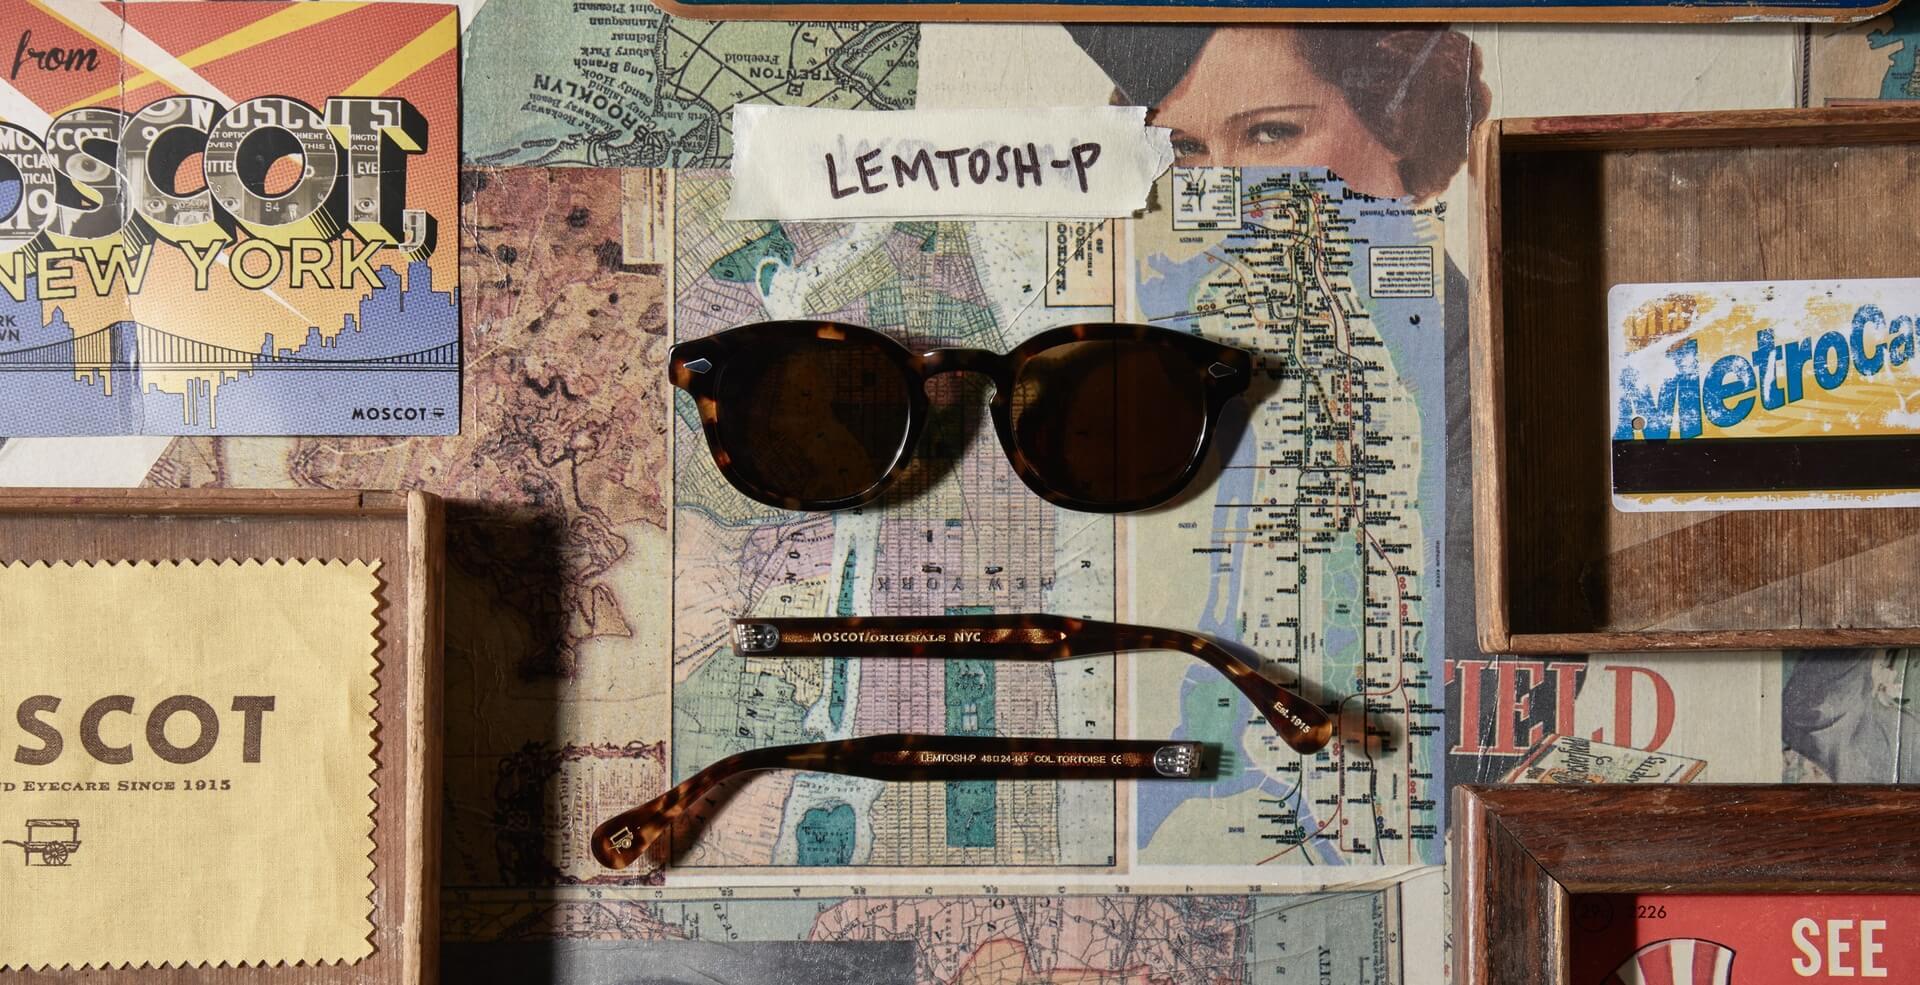 LEMTOSH-P